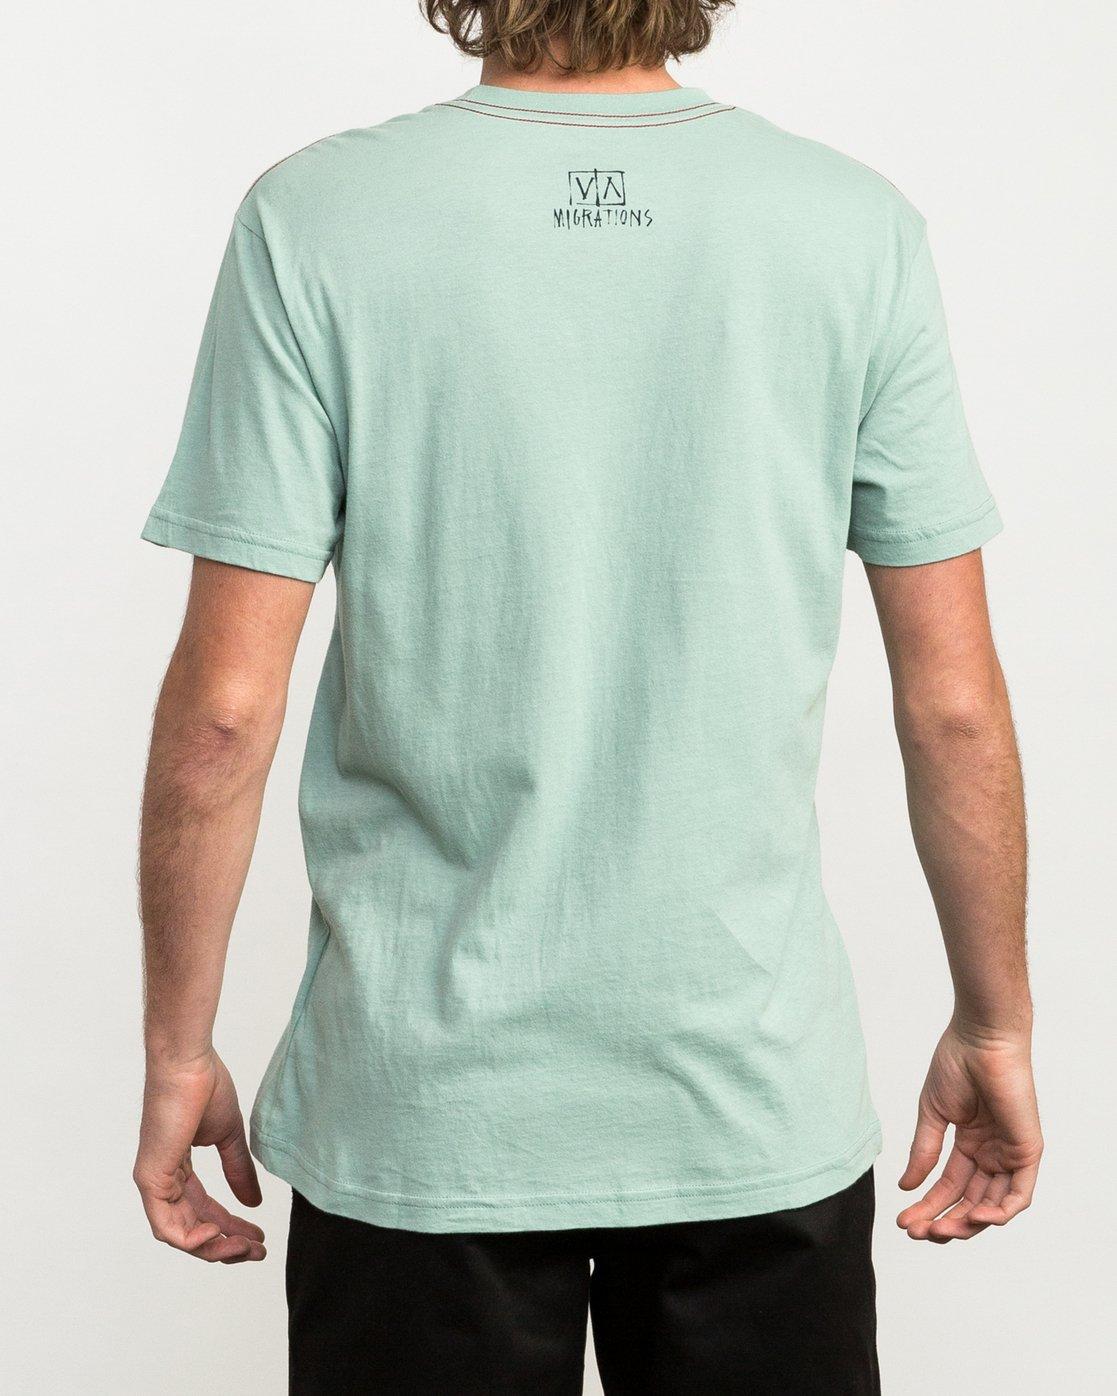 4 Migration T-Shirt  M422QRMI RVCA